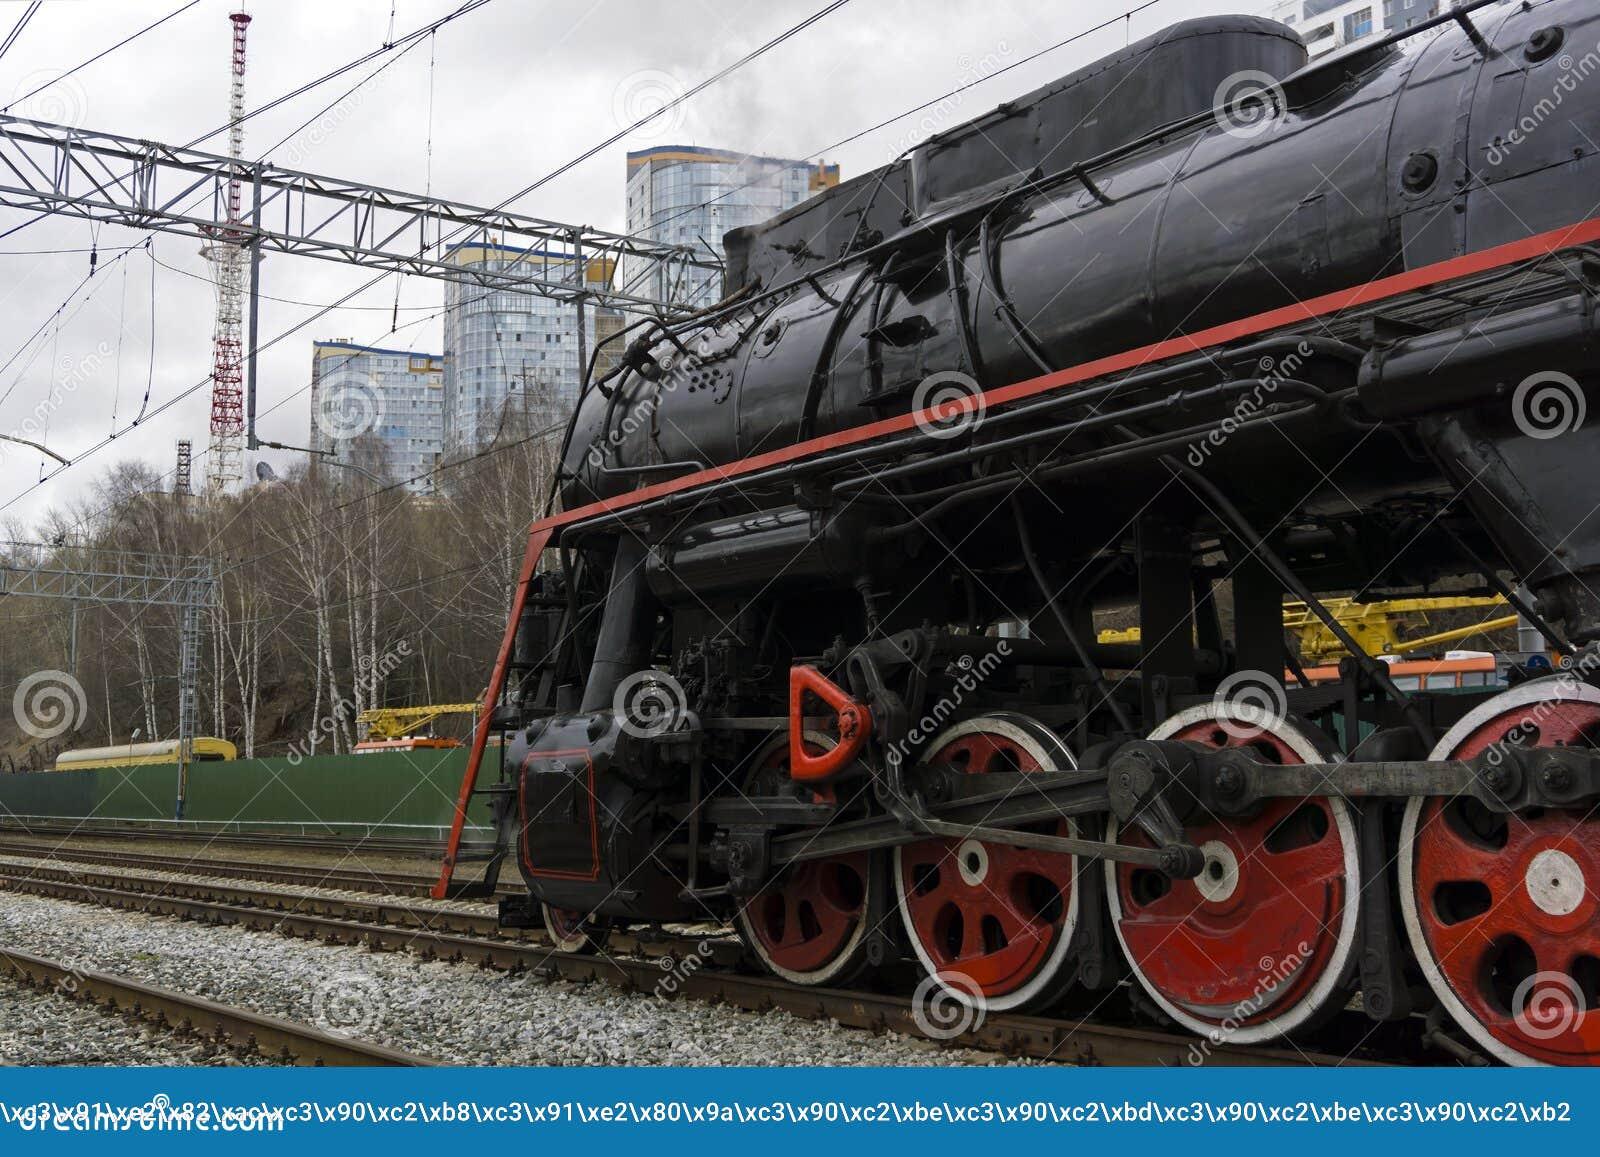 Vintage steam locomotive on a modern railway